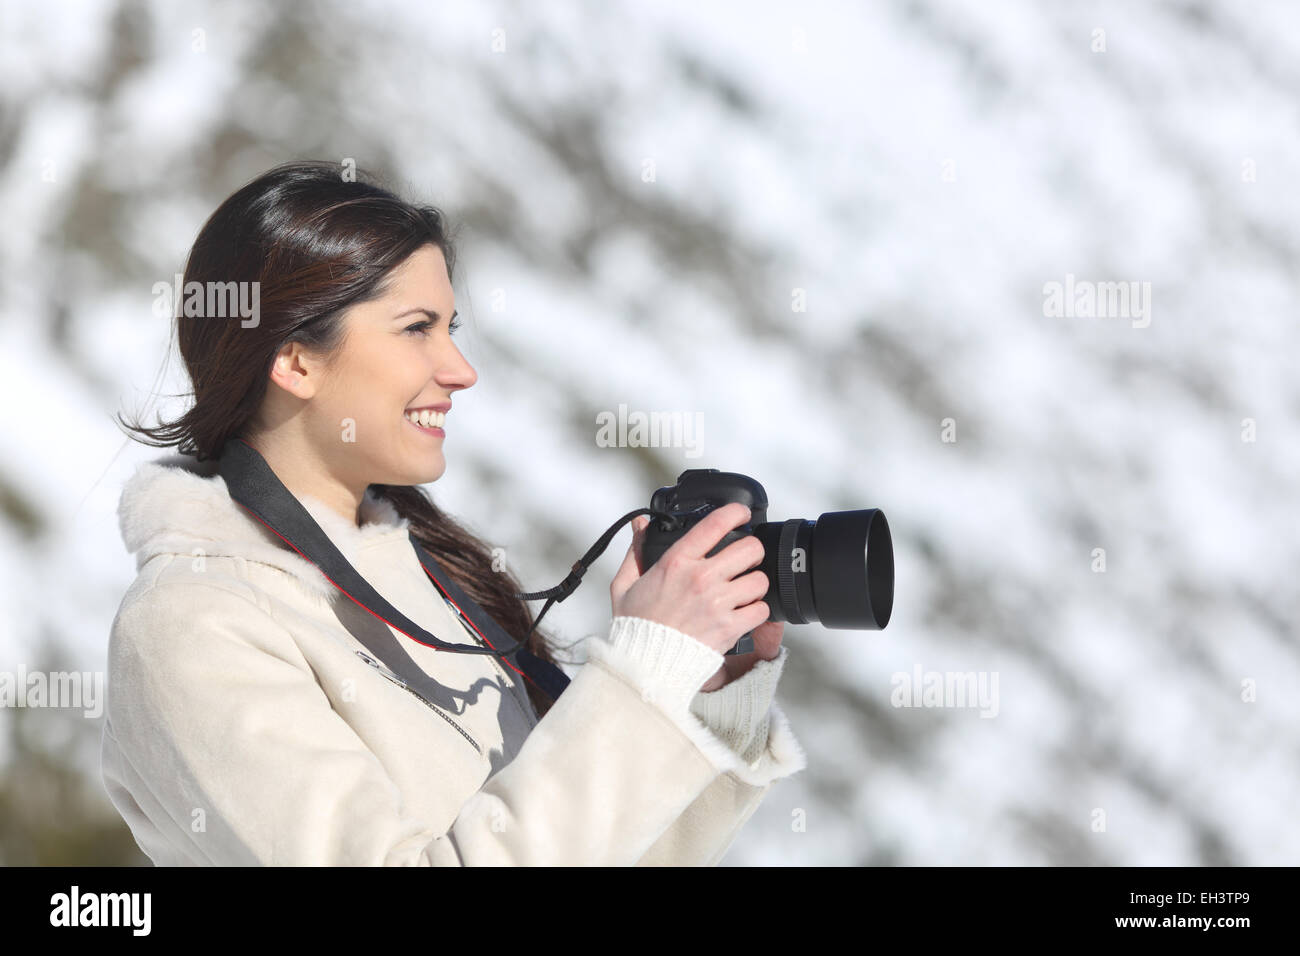 Mujer turista fotografiando en vacaciones de invierno con una montaña nevada en el fondo Imagen De Stock